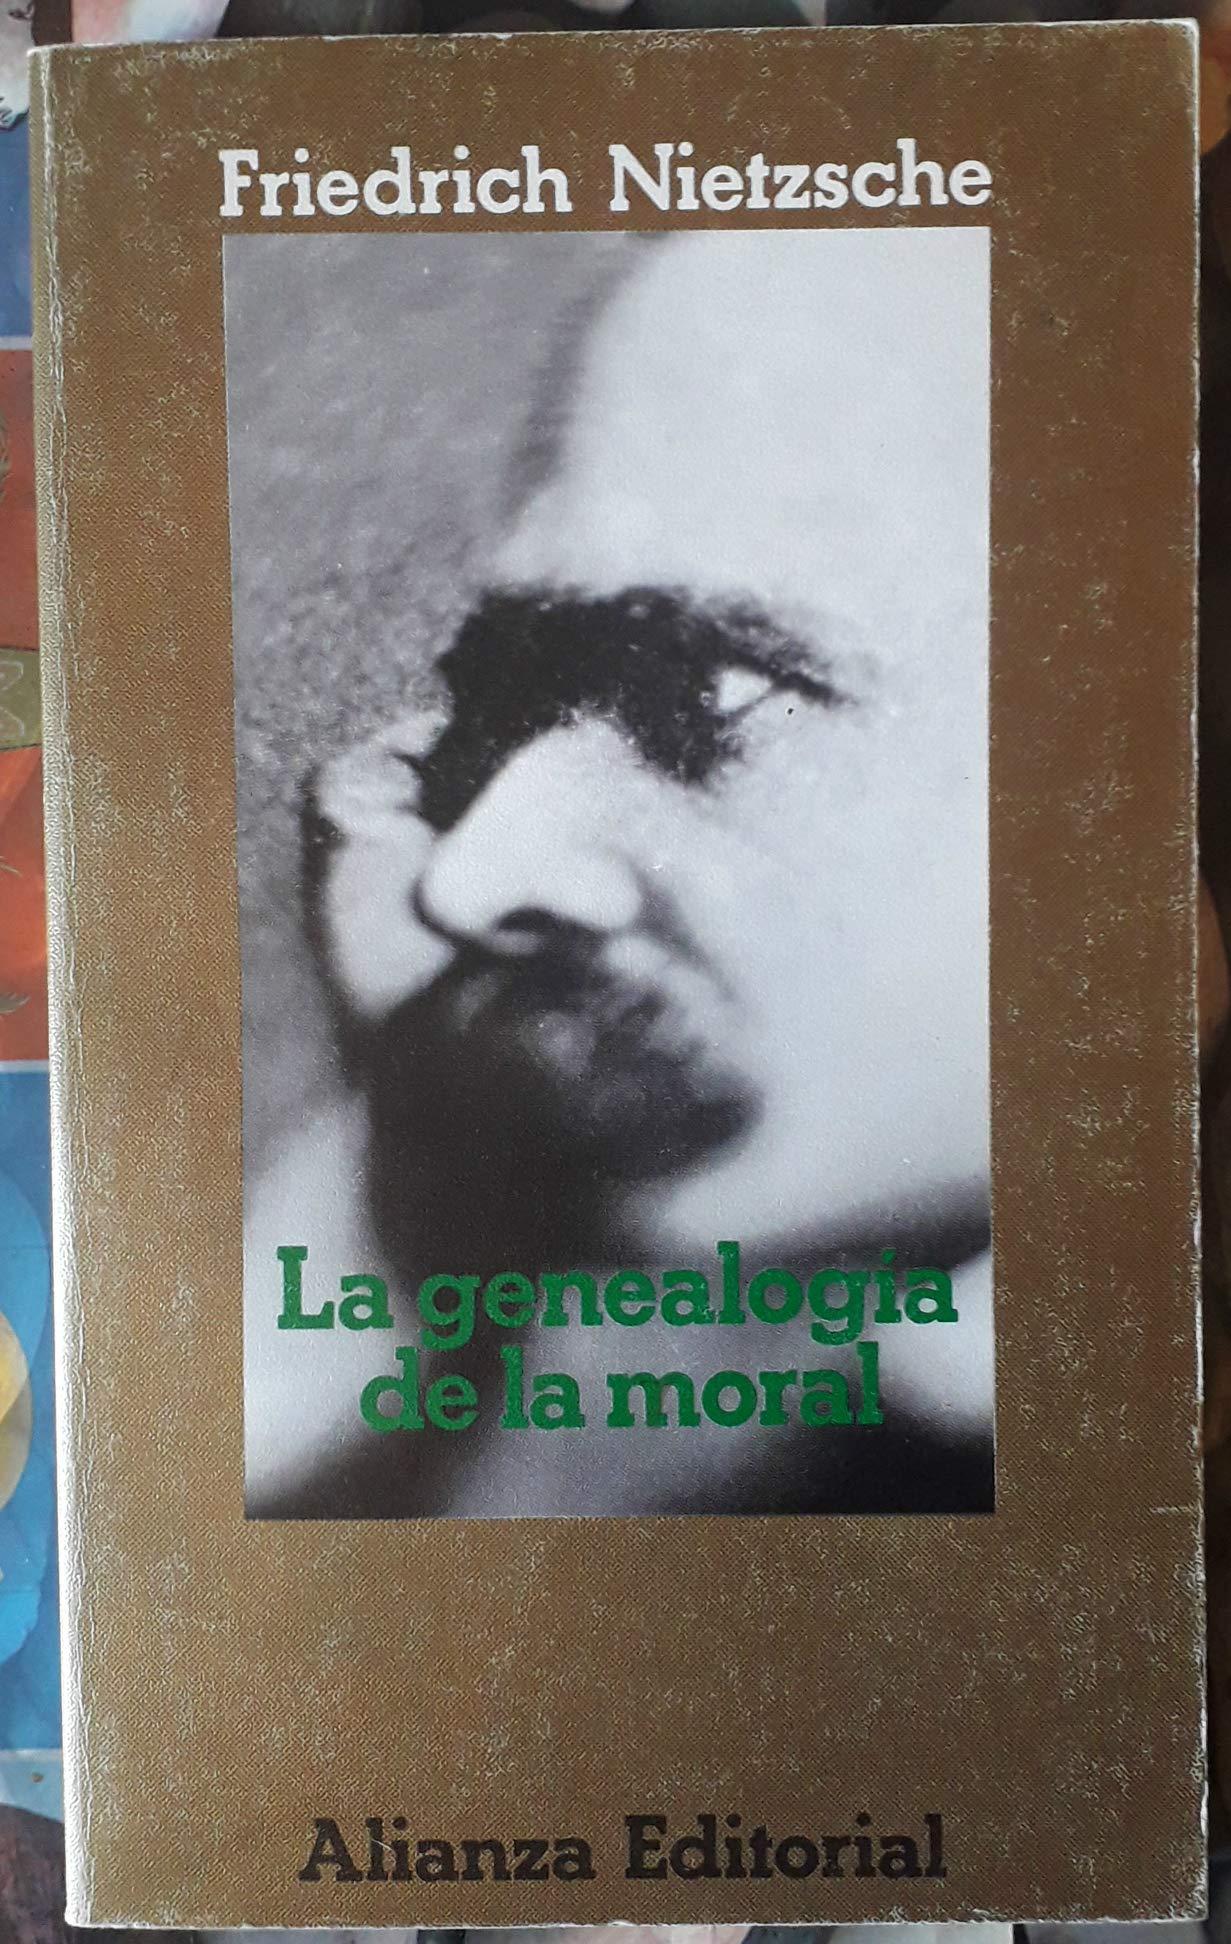 La genealogia de la moralf: Amazon.es: Nietzsche, Friedrich: Libros